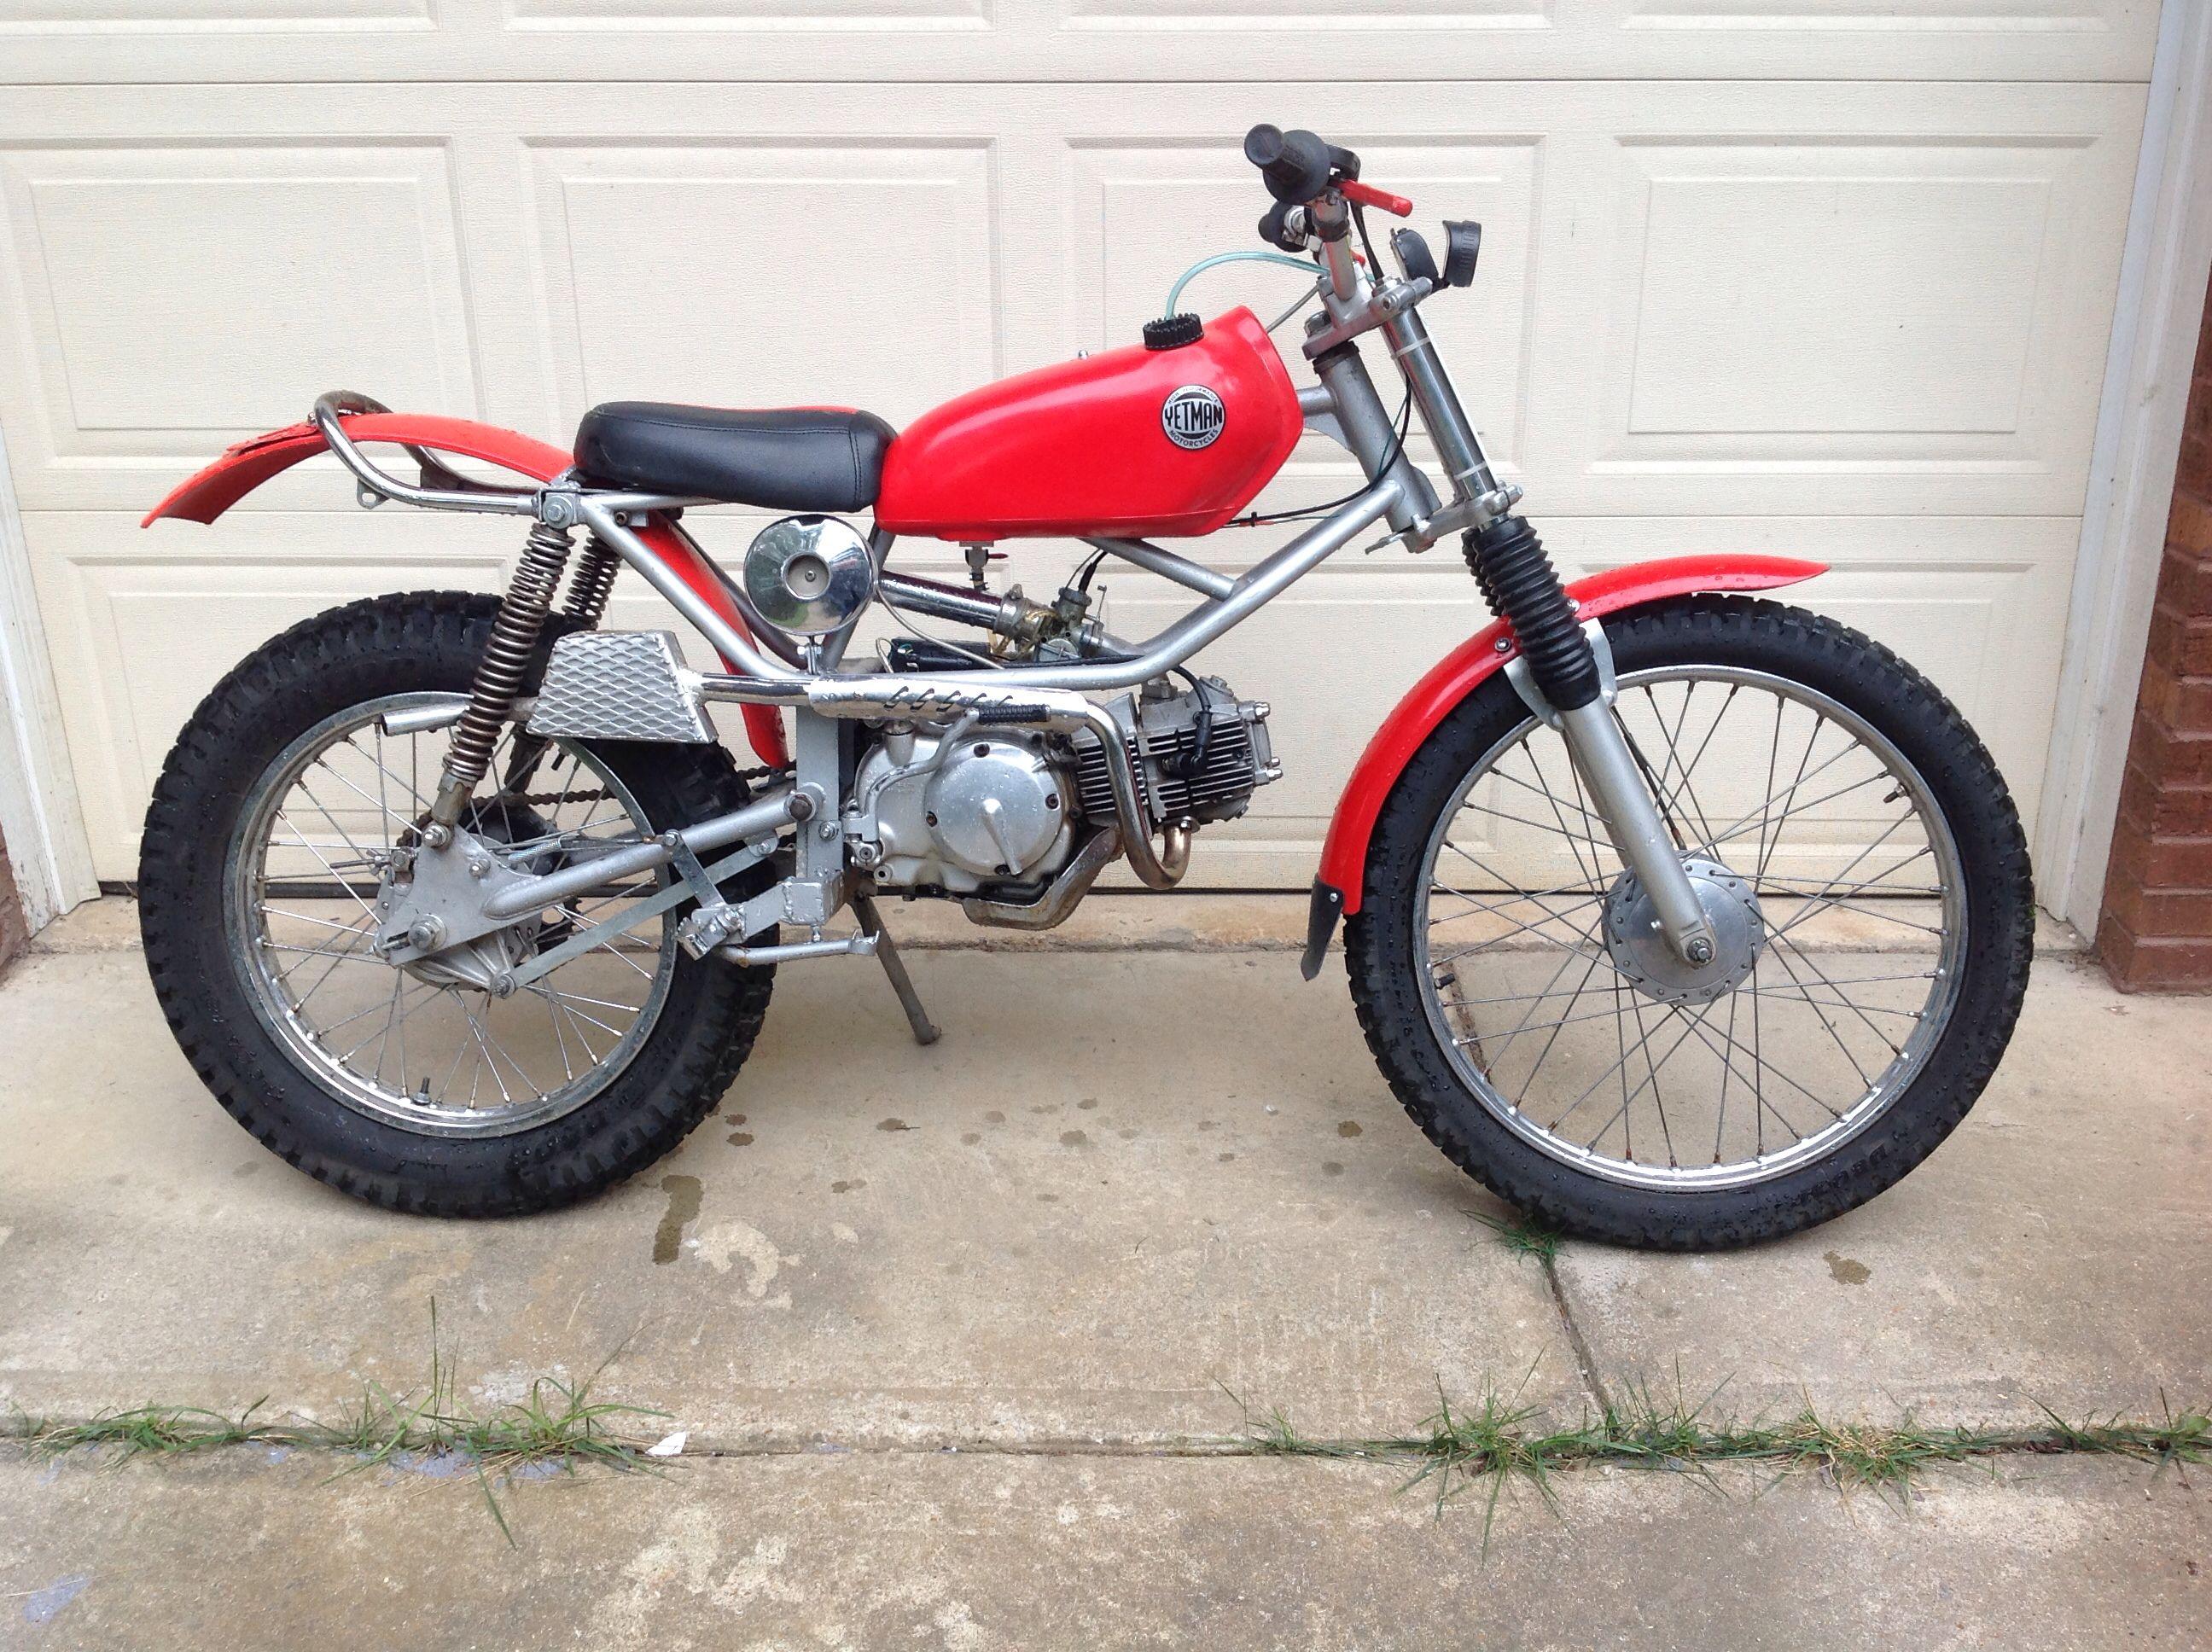 Yetman /Honda Trials Scott Bikes, Trial Bike, Honda Cub, Trials, Offroad